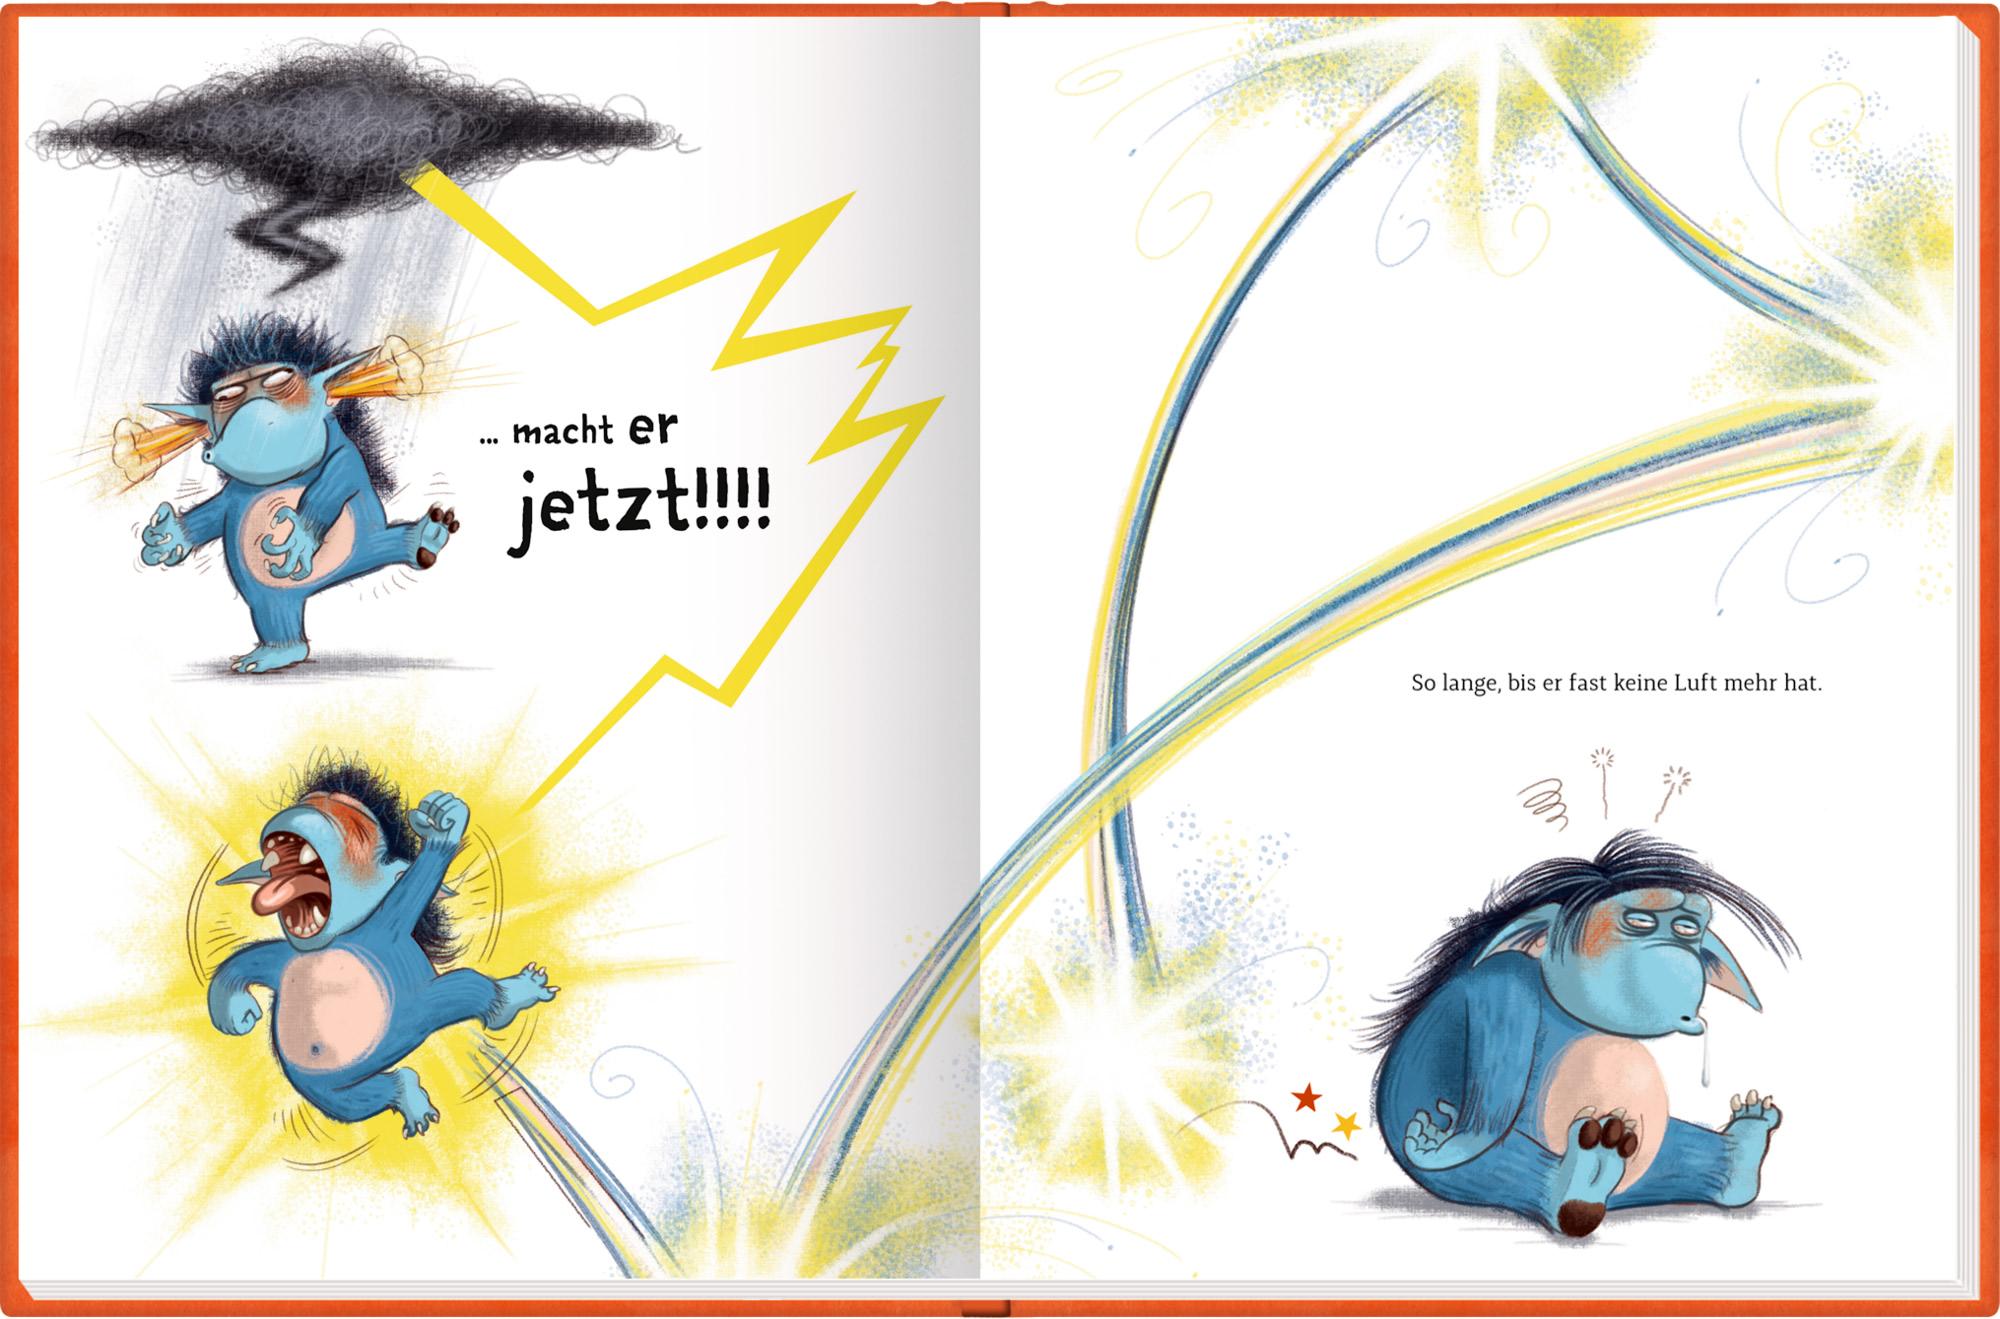 Innenansicht zu Der Grolltroll ... grollt heut nicht!? (Bd. 2)